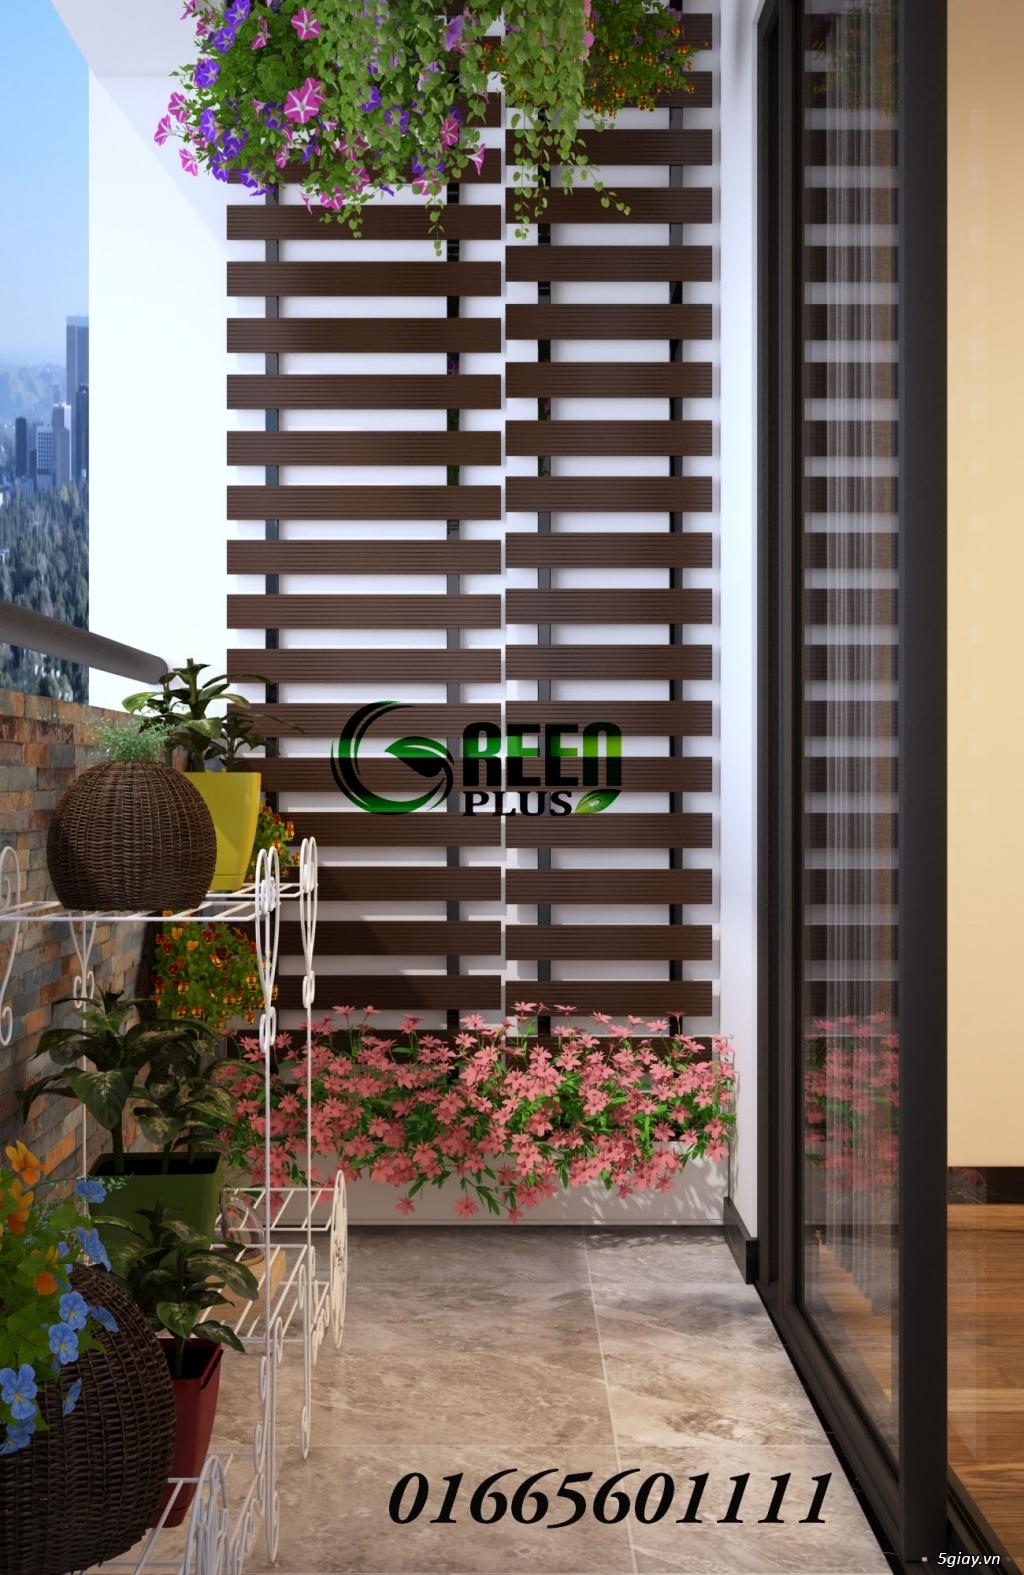 Giàn hoa ban công, thiết kế trang trí ban công chung cư - 4